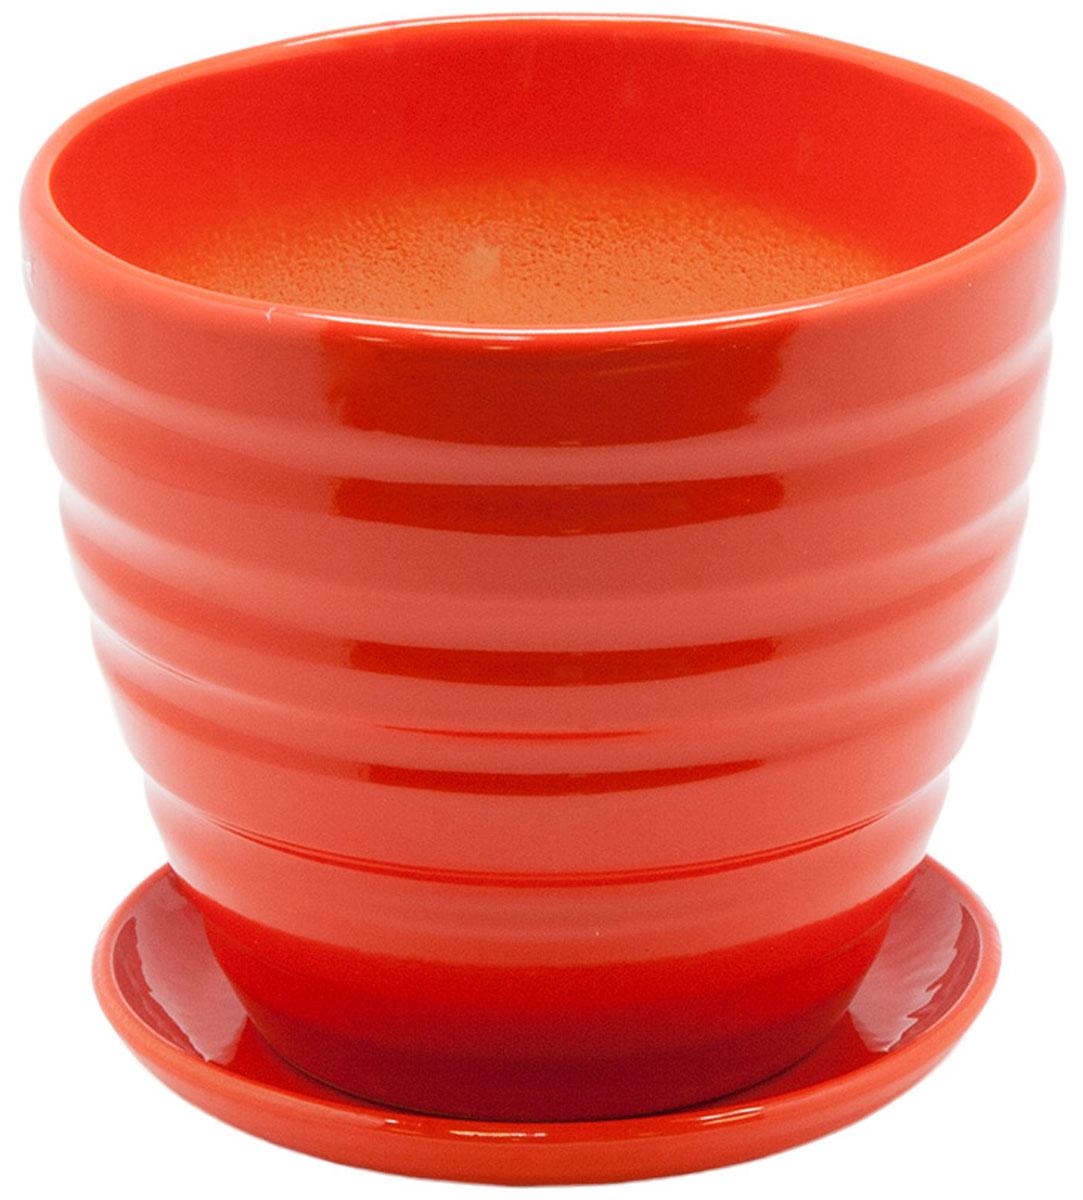 Горшок цветочный Engard, с поддоном, цвет: рыжий, 1,4 л97775318Керамический горшок - это идеальное решение для выращивания комнатных растений и создания изысканности в интерьере. Керамический горшок сделан из высококачественной глины в классической форме и оригинальном дизайне.